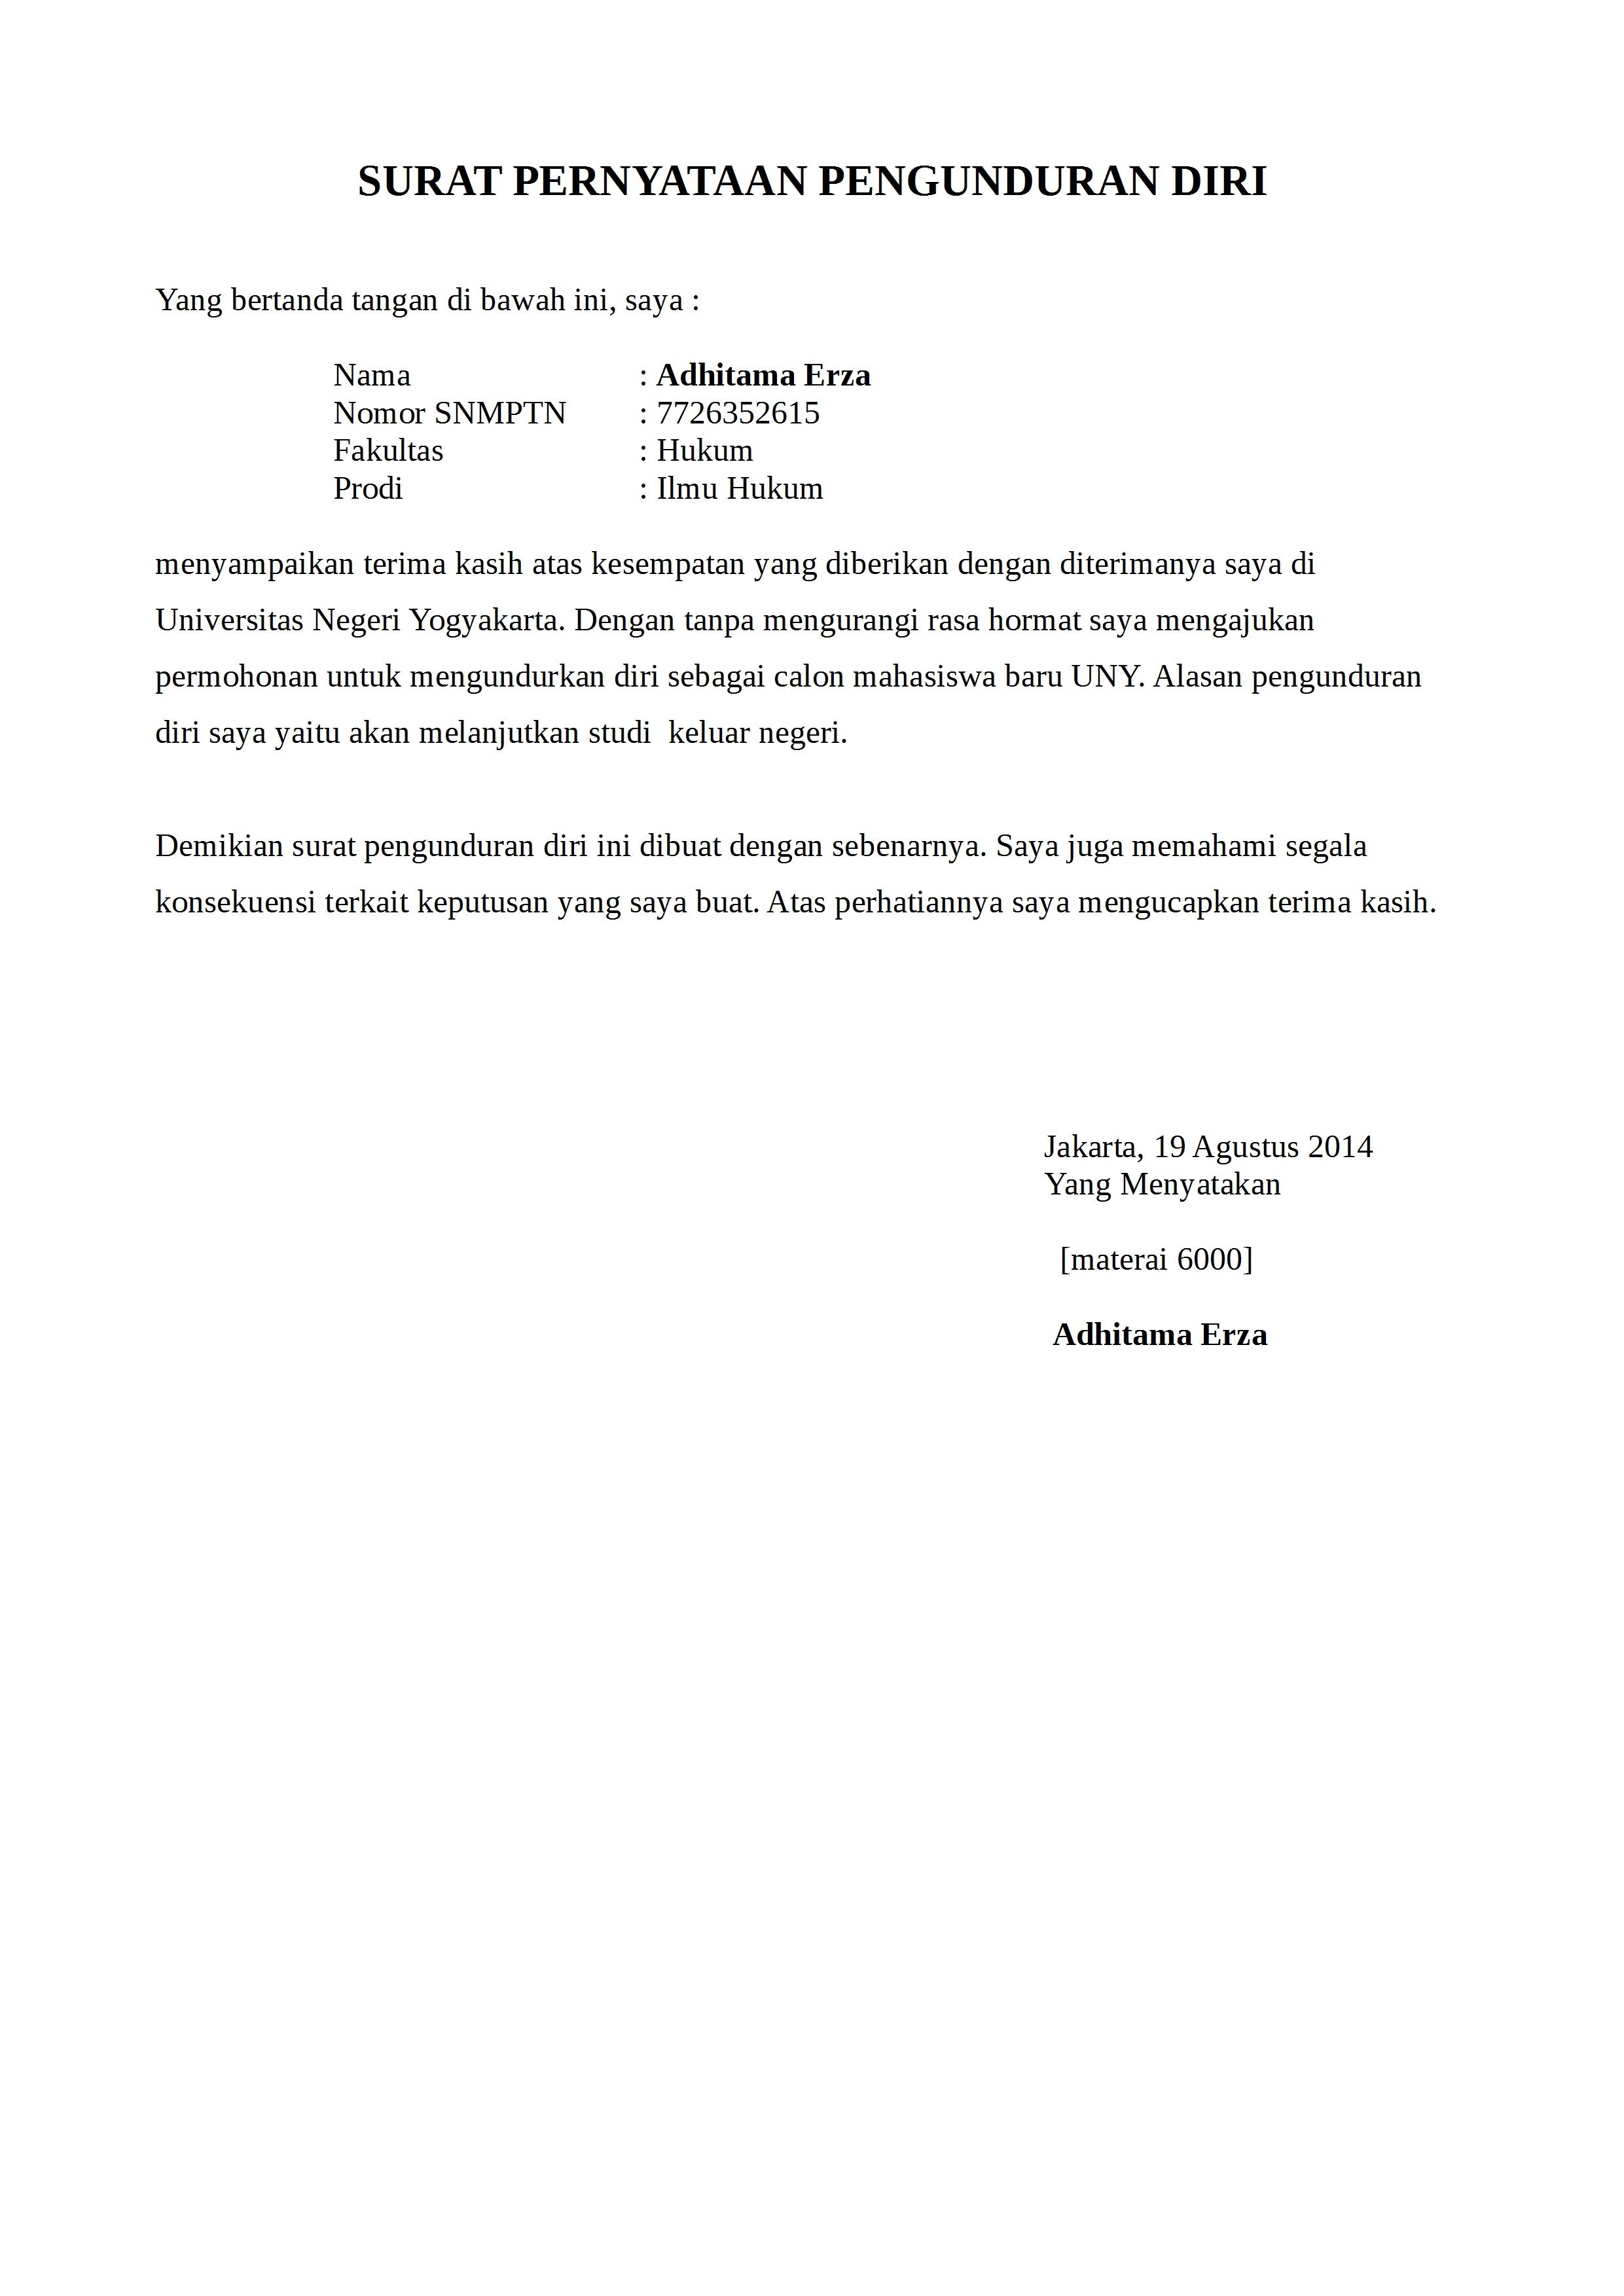 Contoh Surat Pengunduran Diri Mahasiswa Yang Baik Dan Sopan